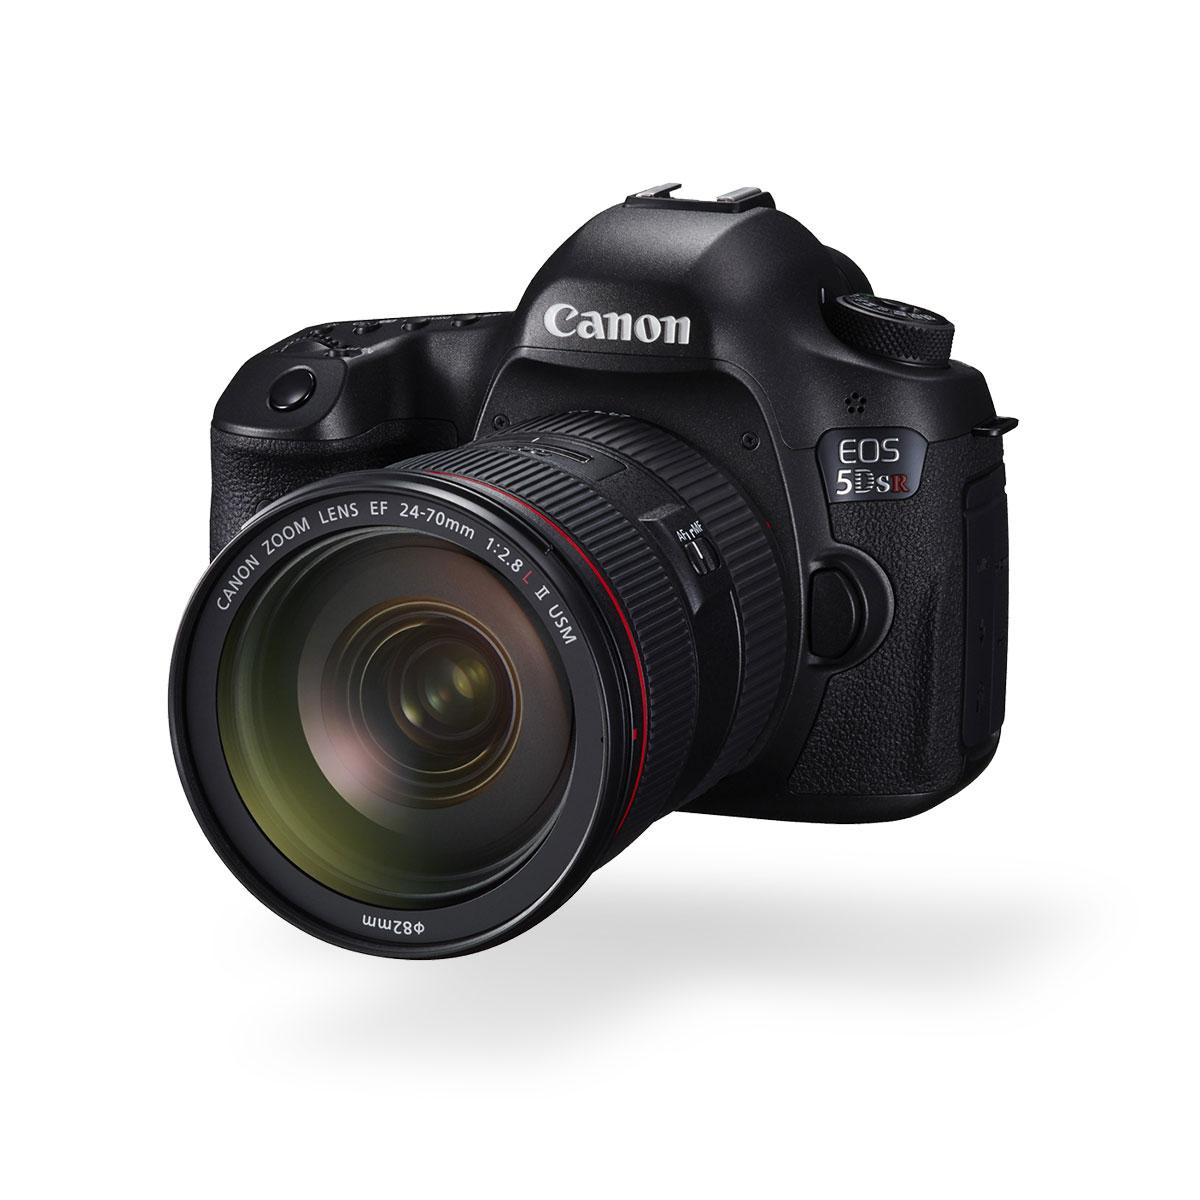 Canon EOS 5DSR DSLR camera